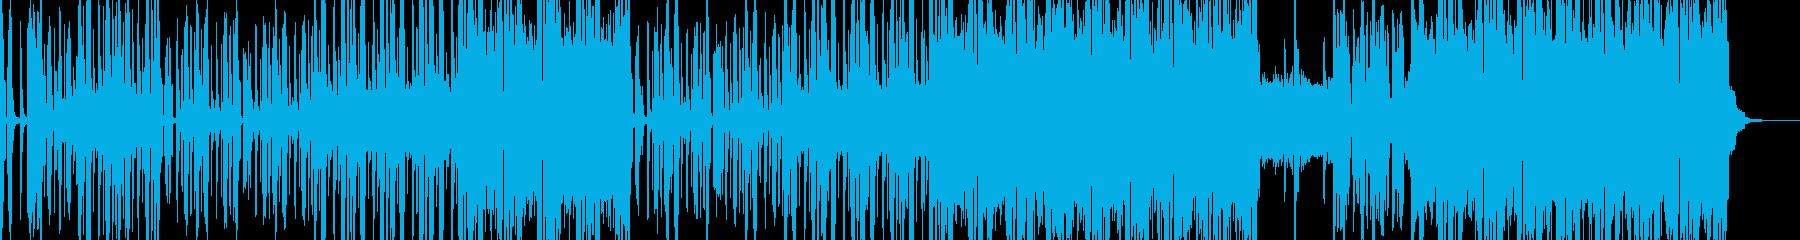 民族楽器・怪しげで恍惚なR&B ボイス有の再生済みの波形